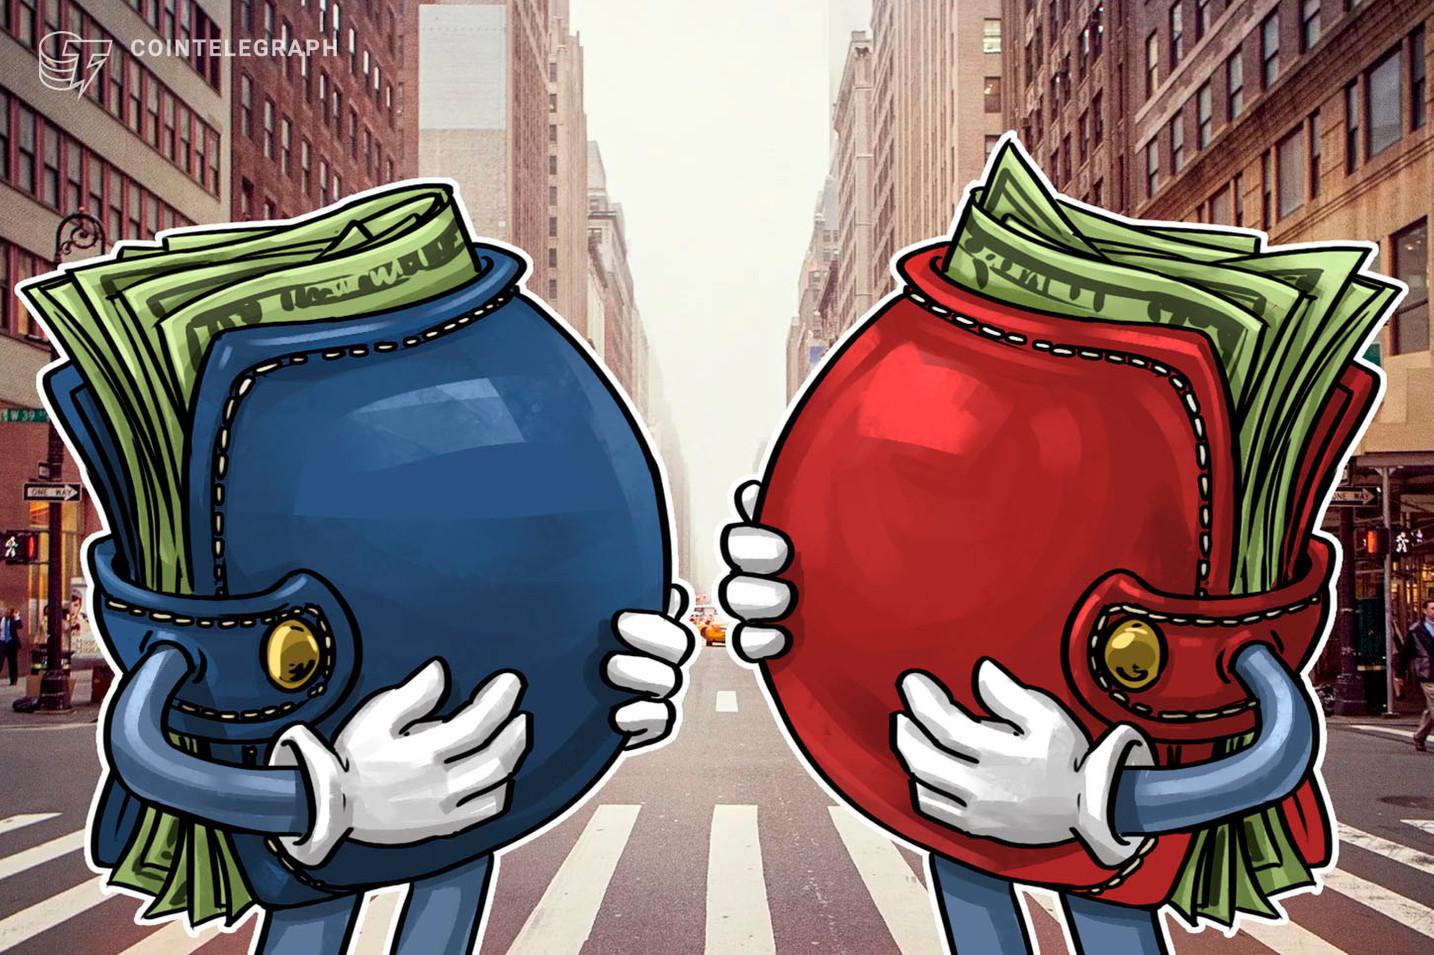 Los inversores se preocupan: ¿Llegó la inflación?